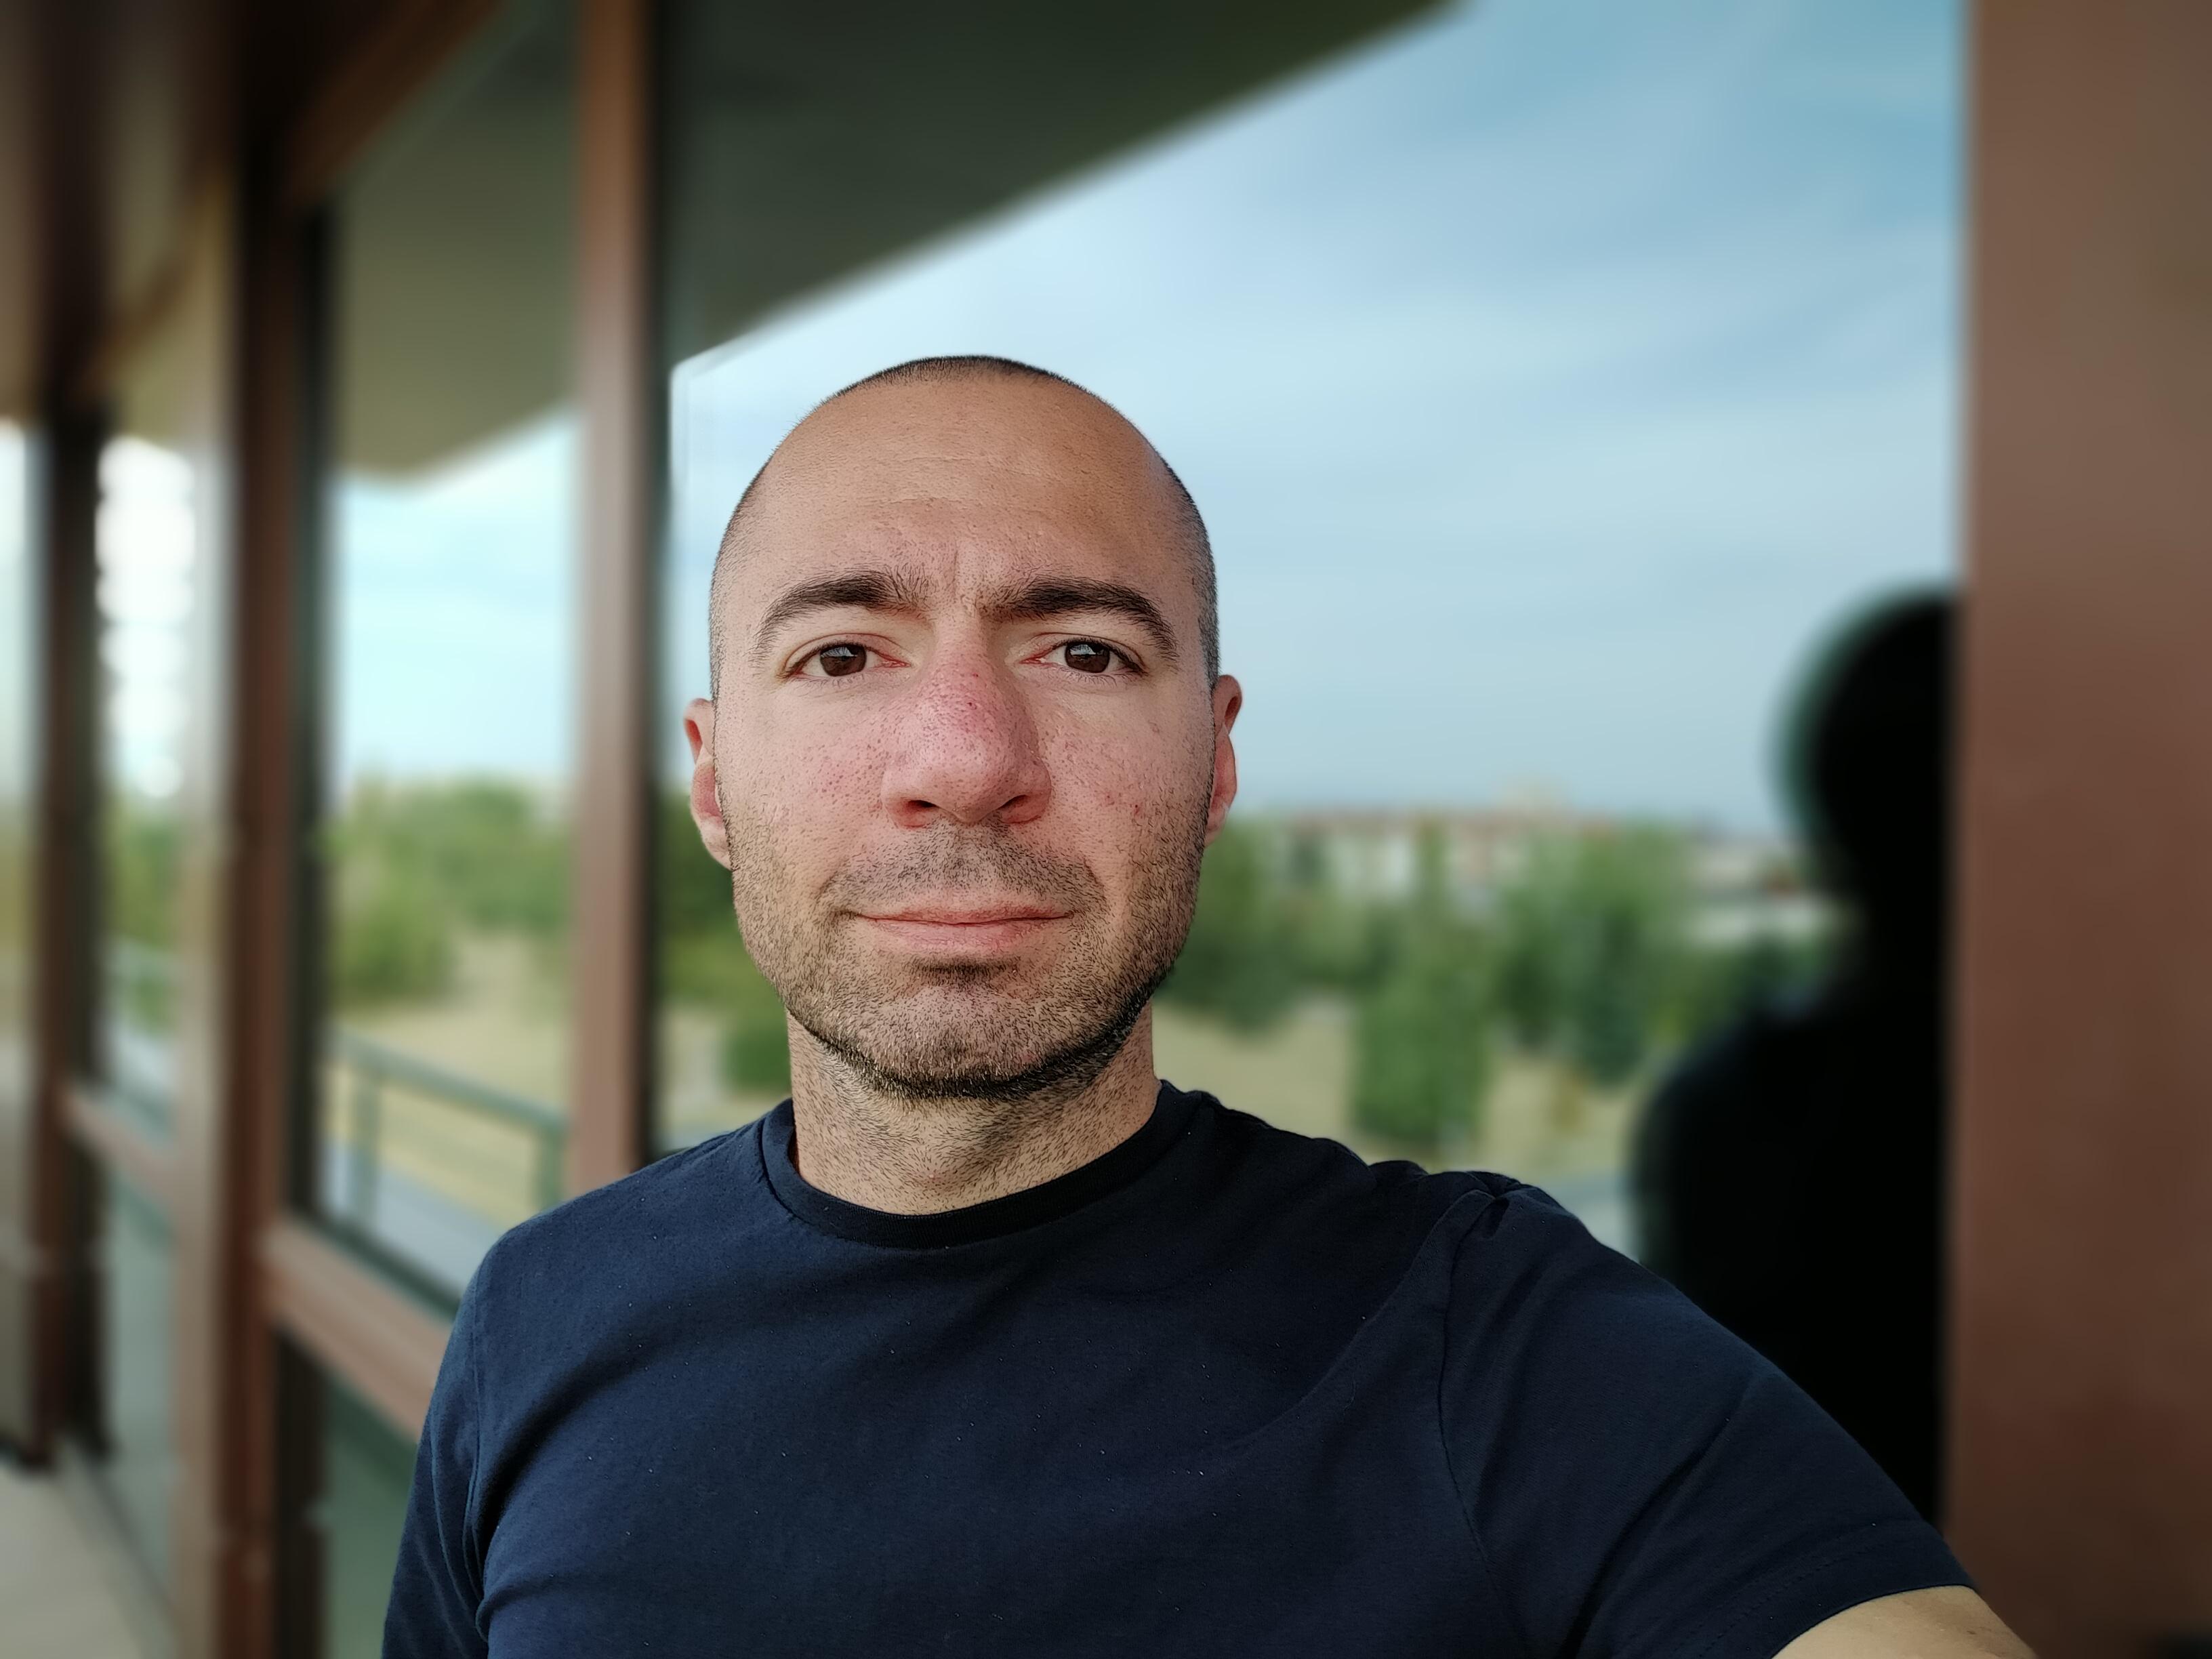 Sforum - Trang thông tin công nghệ mới nhất gsmarena_124 Đánh giá Realme 5: Thiết kế cao cấp, họa tiết lưng đẹp mắt, 4 camera linh hoạt, giá chỉ 3,990,000 đồng